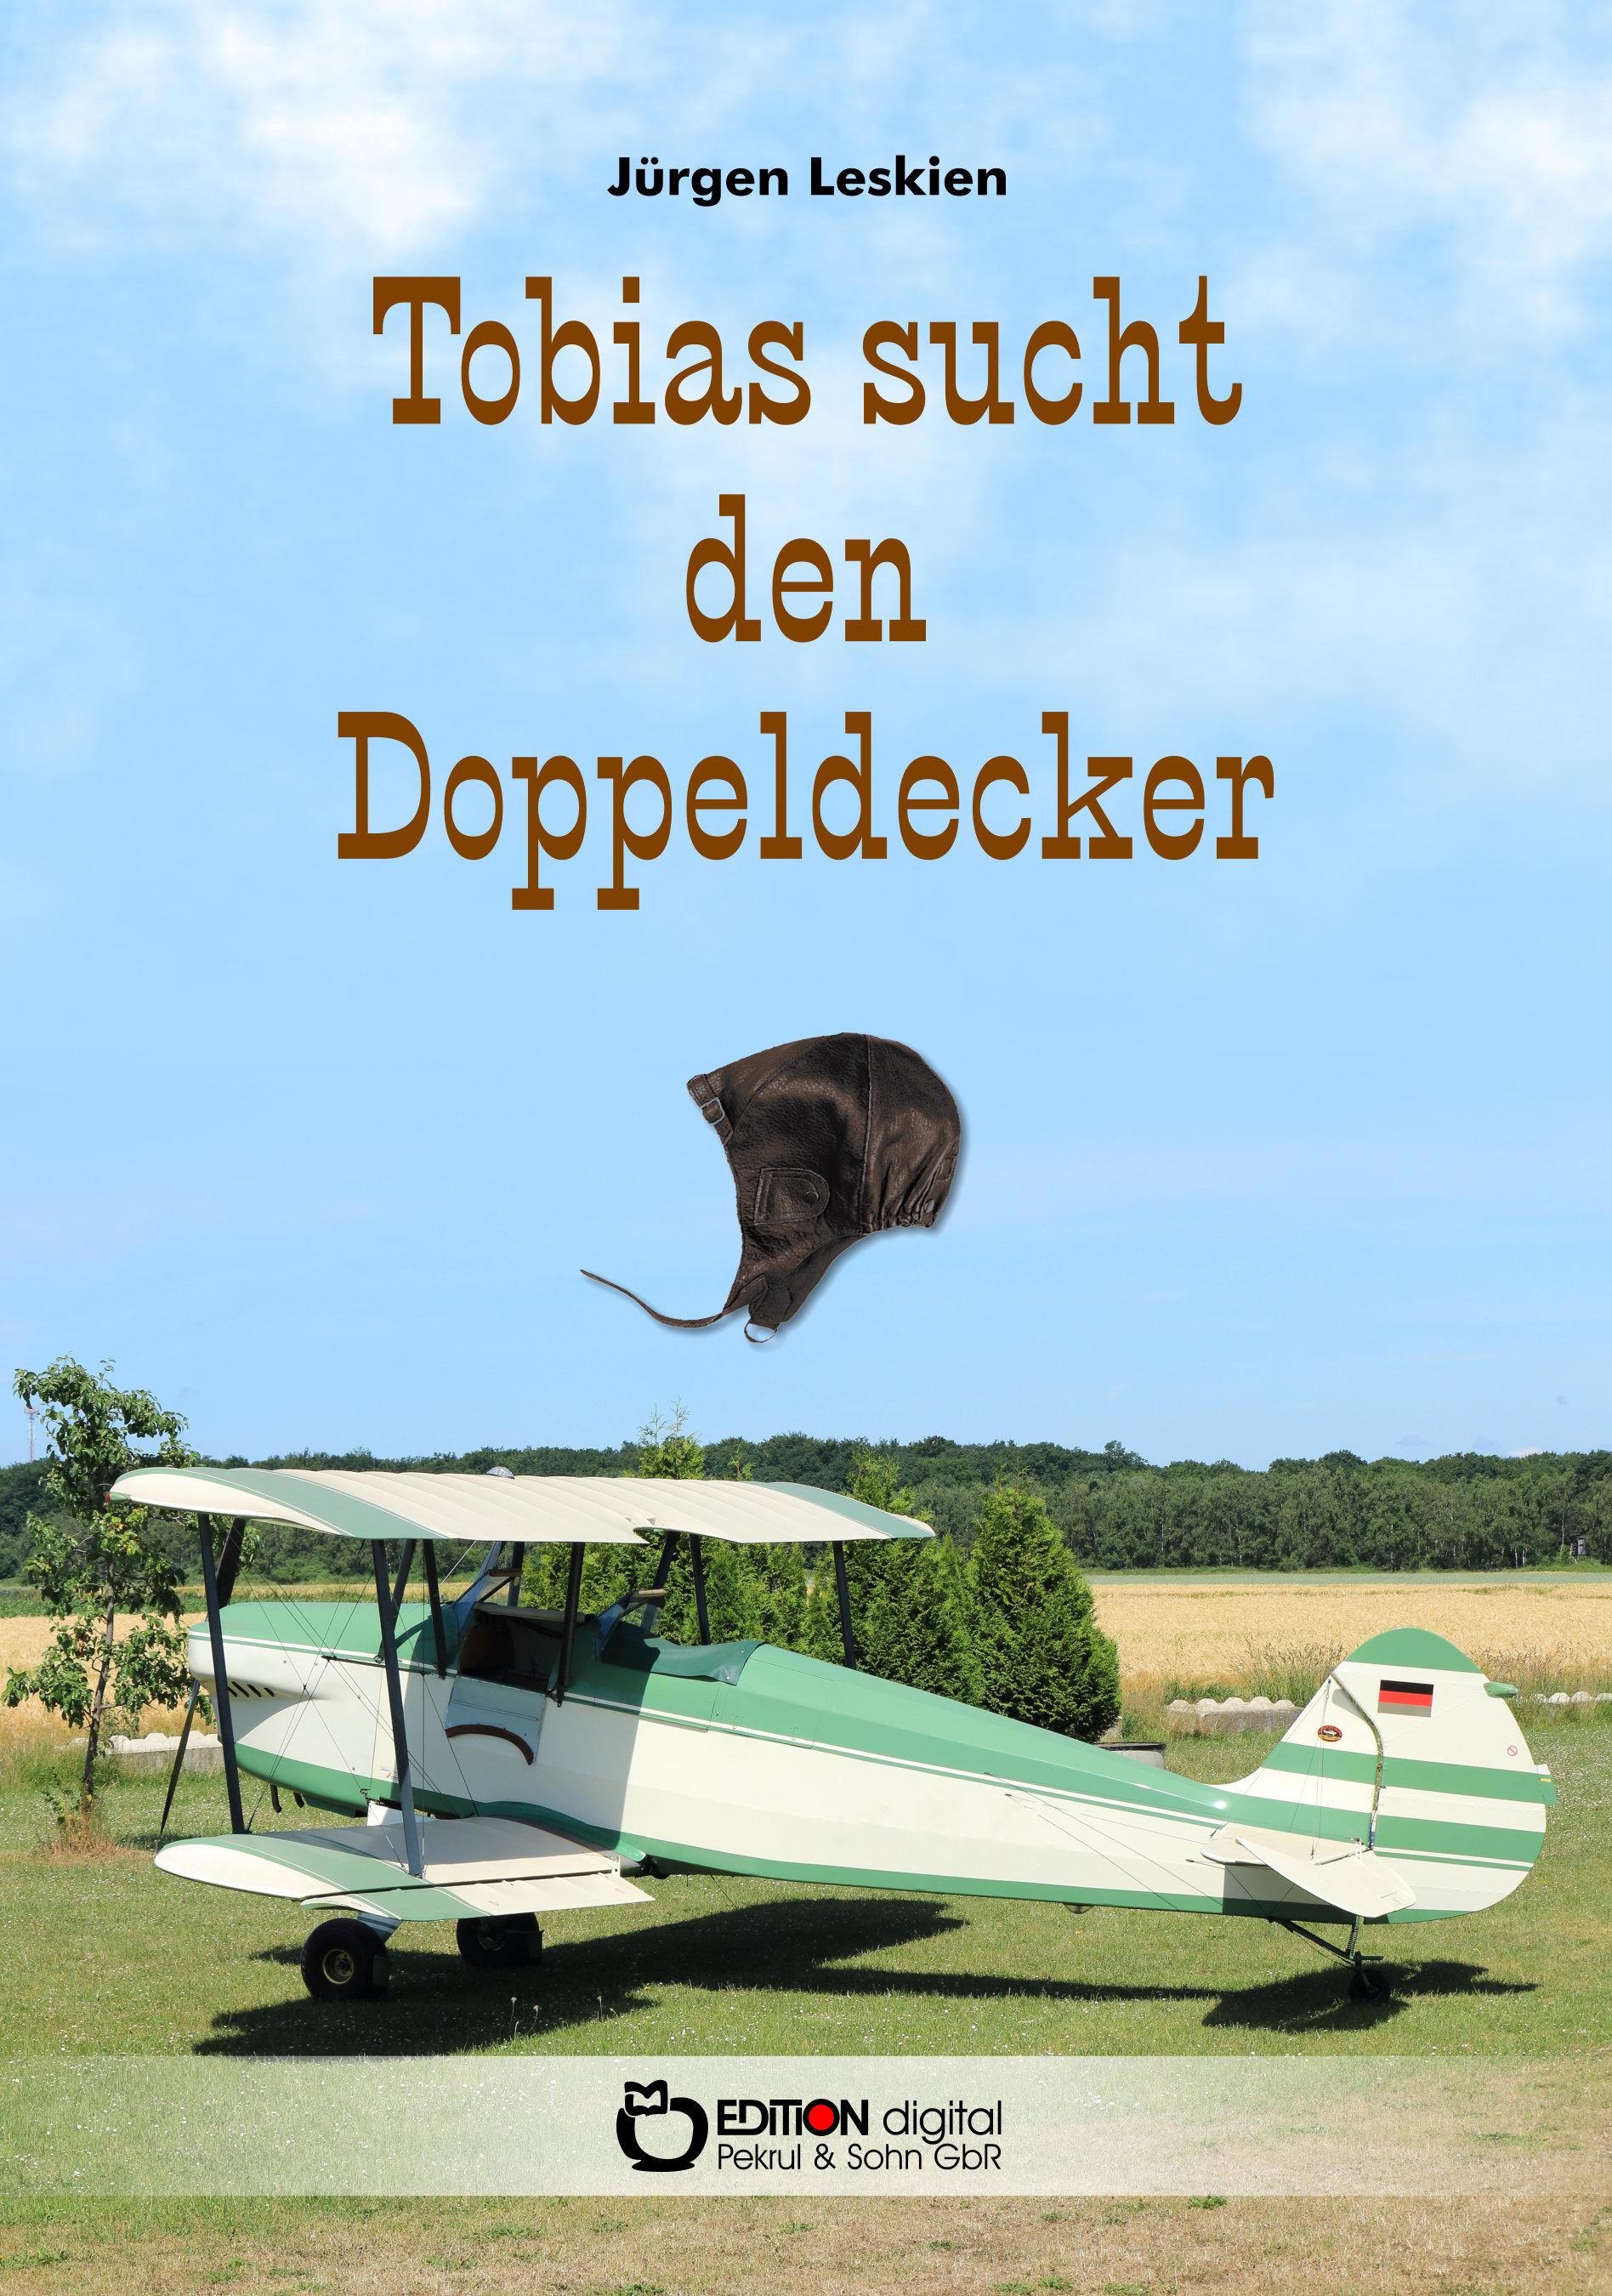 Tobias sucht den Doppeldecker von Jürgen Leskien